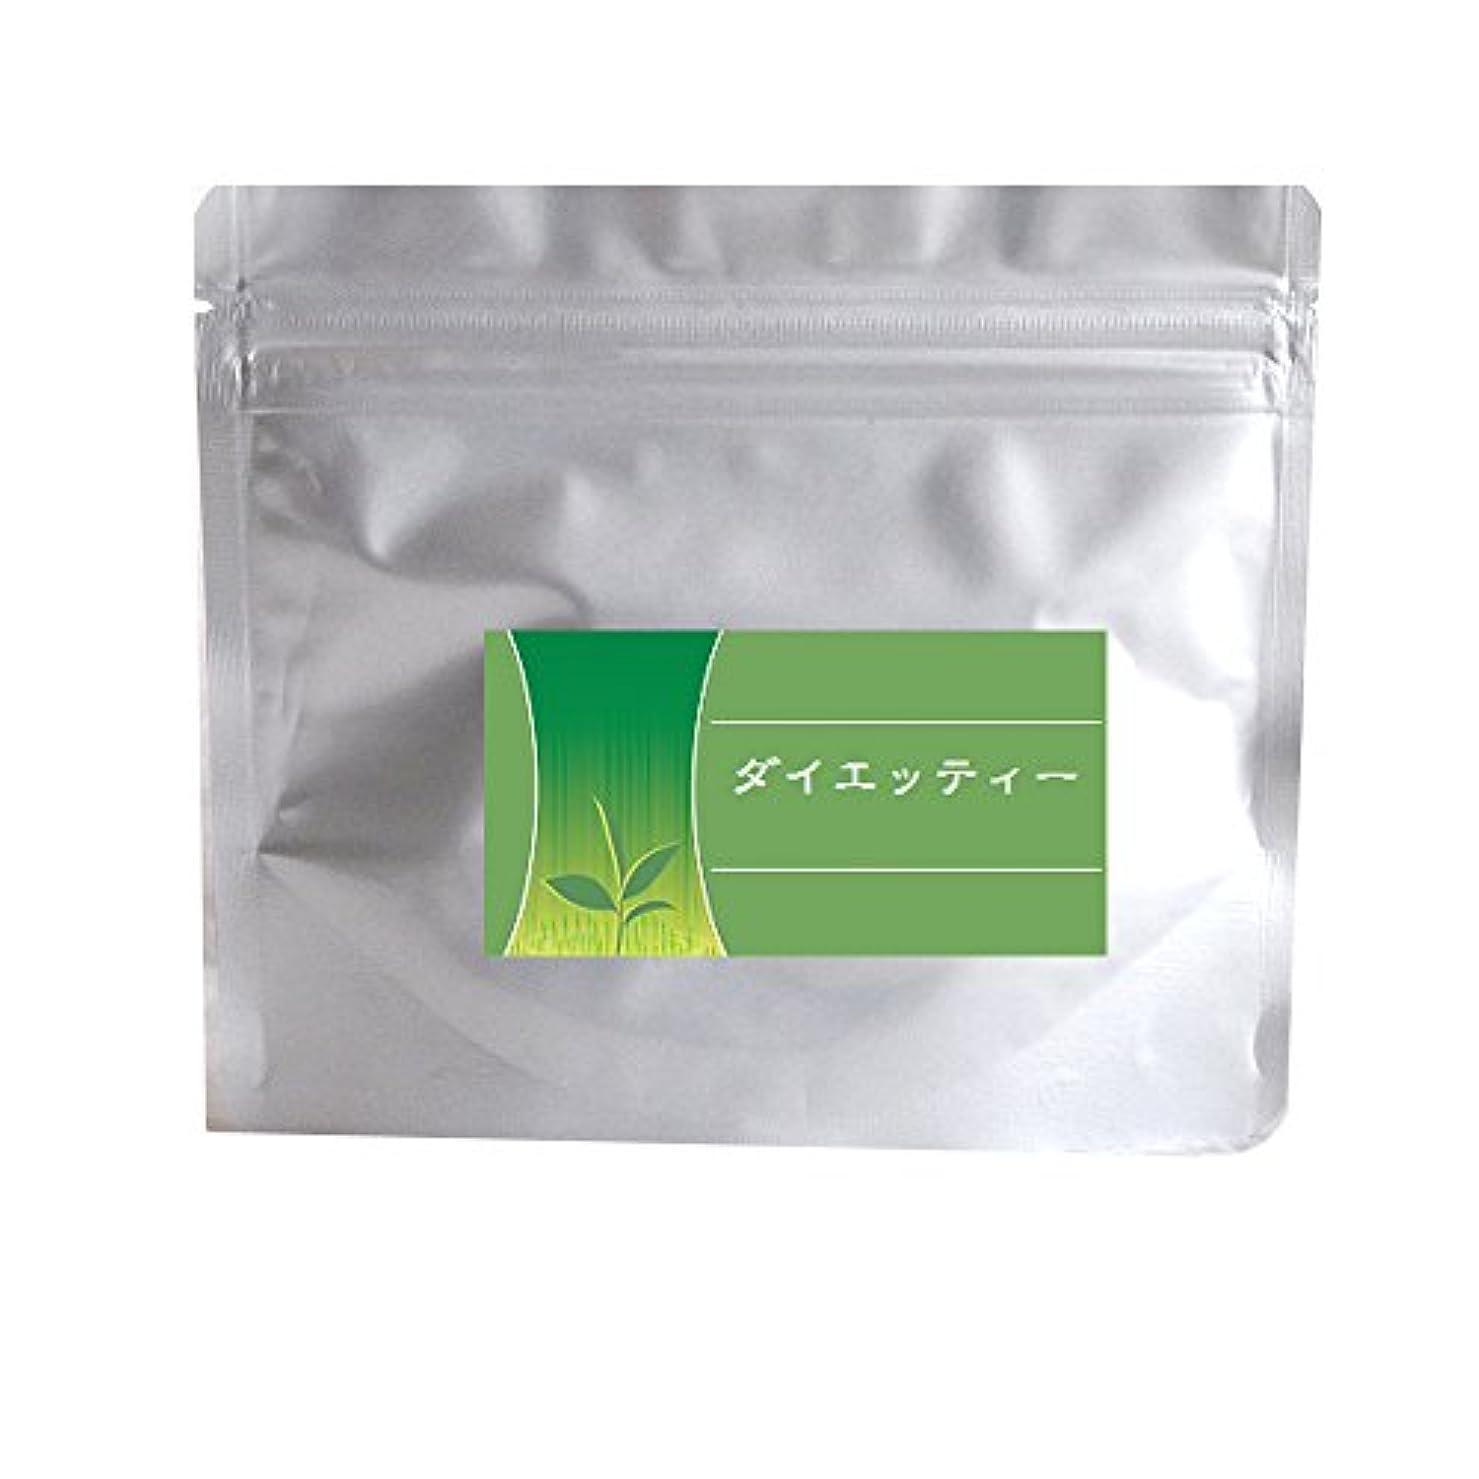 フリル動力学団結ダイエット茶 ダイエッティー70g